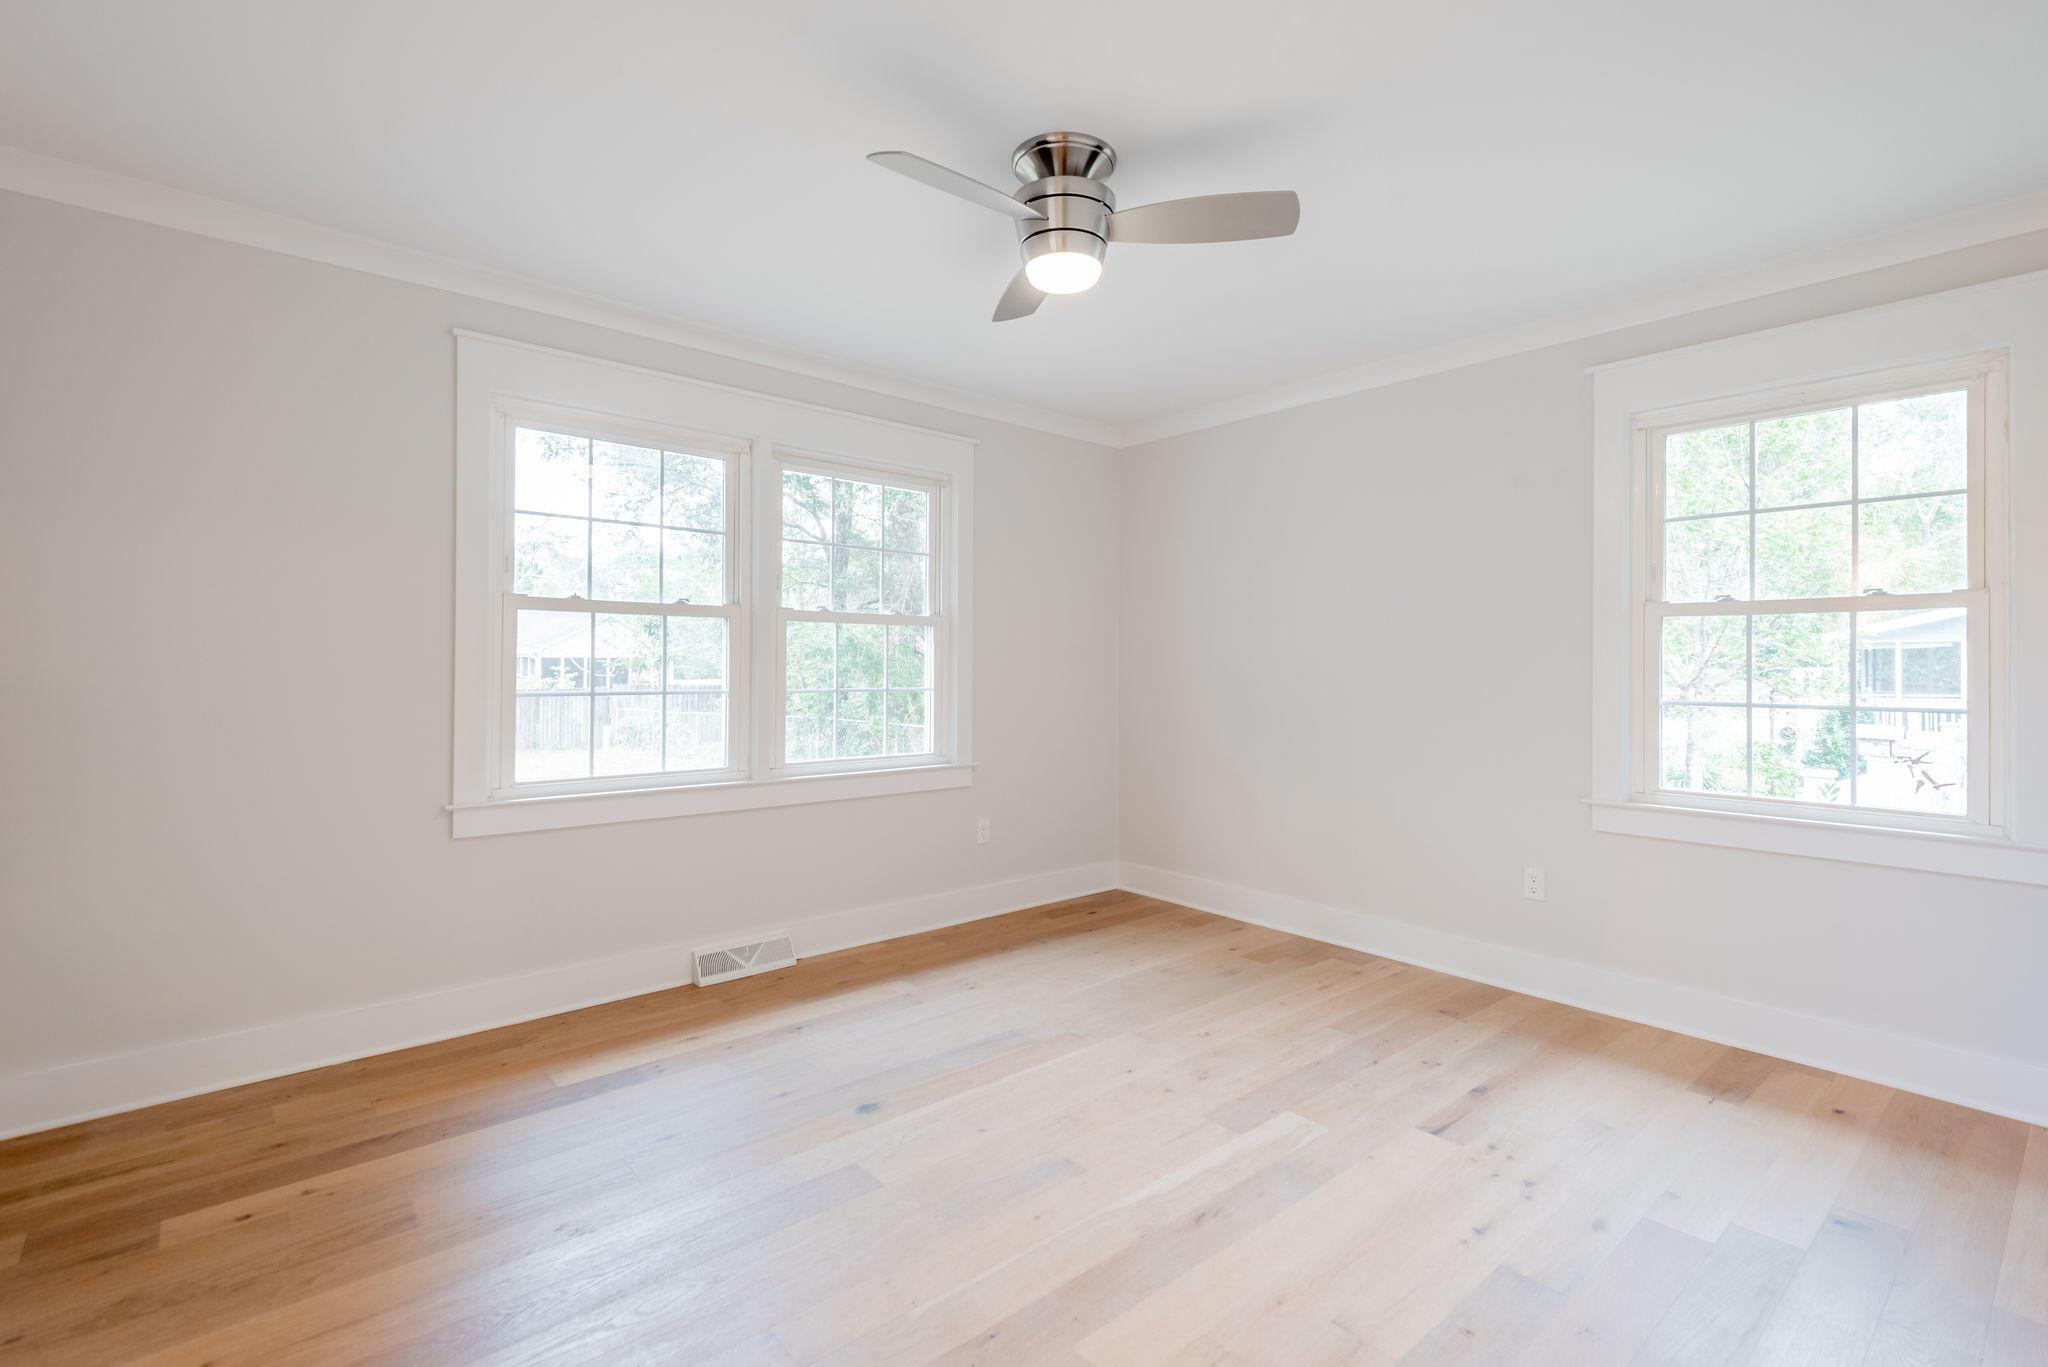 Cooper Estates Homes For Sale - 962 Cummings, Mount Pleasant, SC - 0